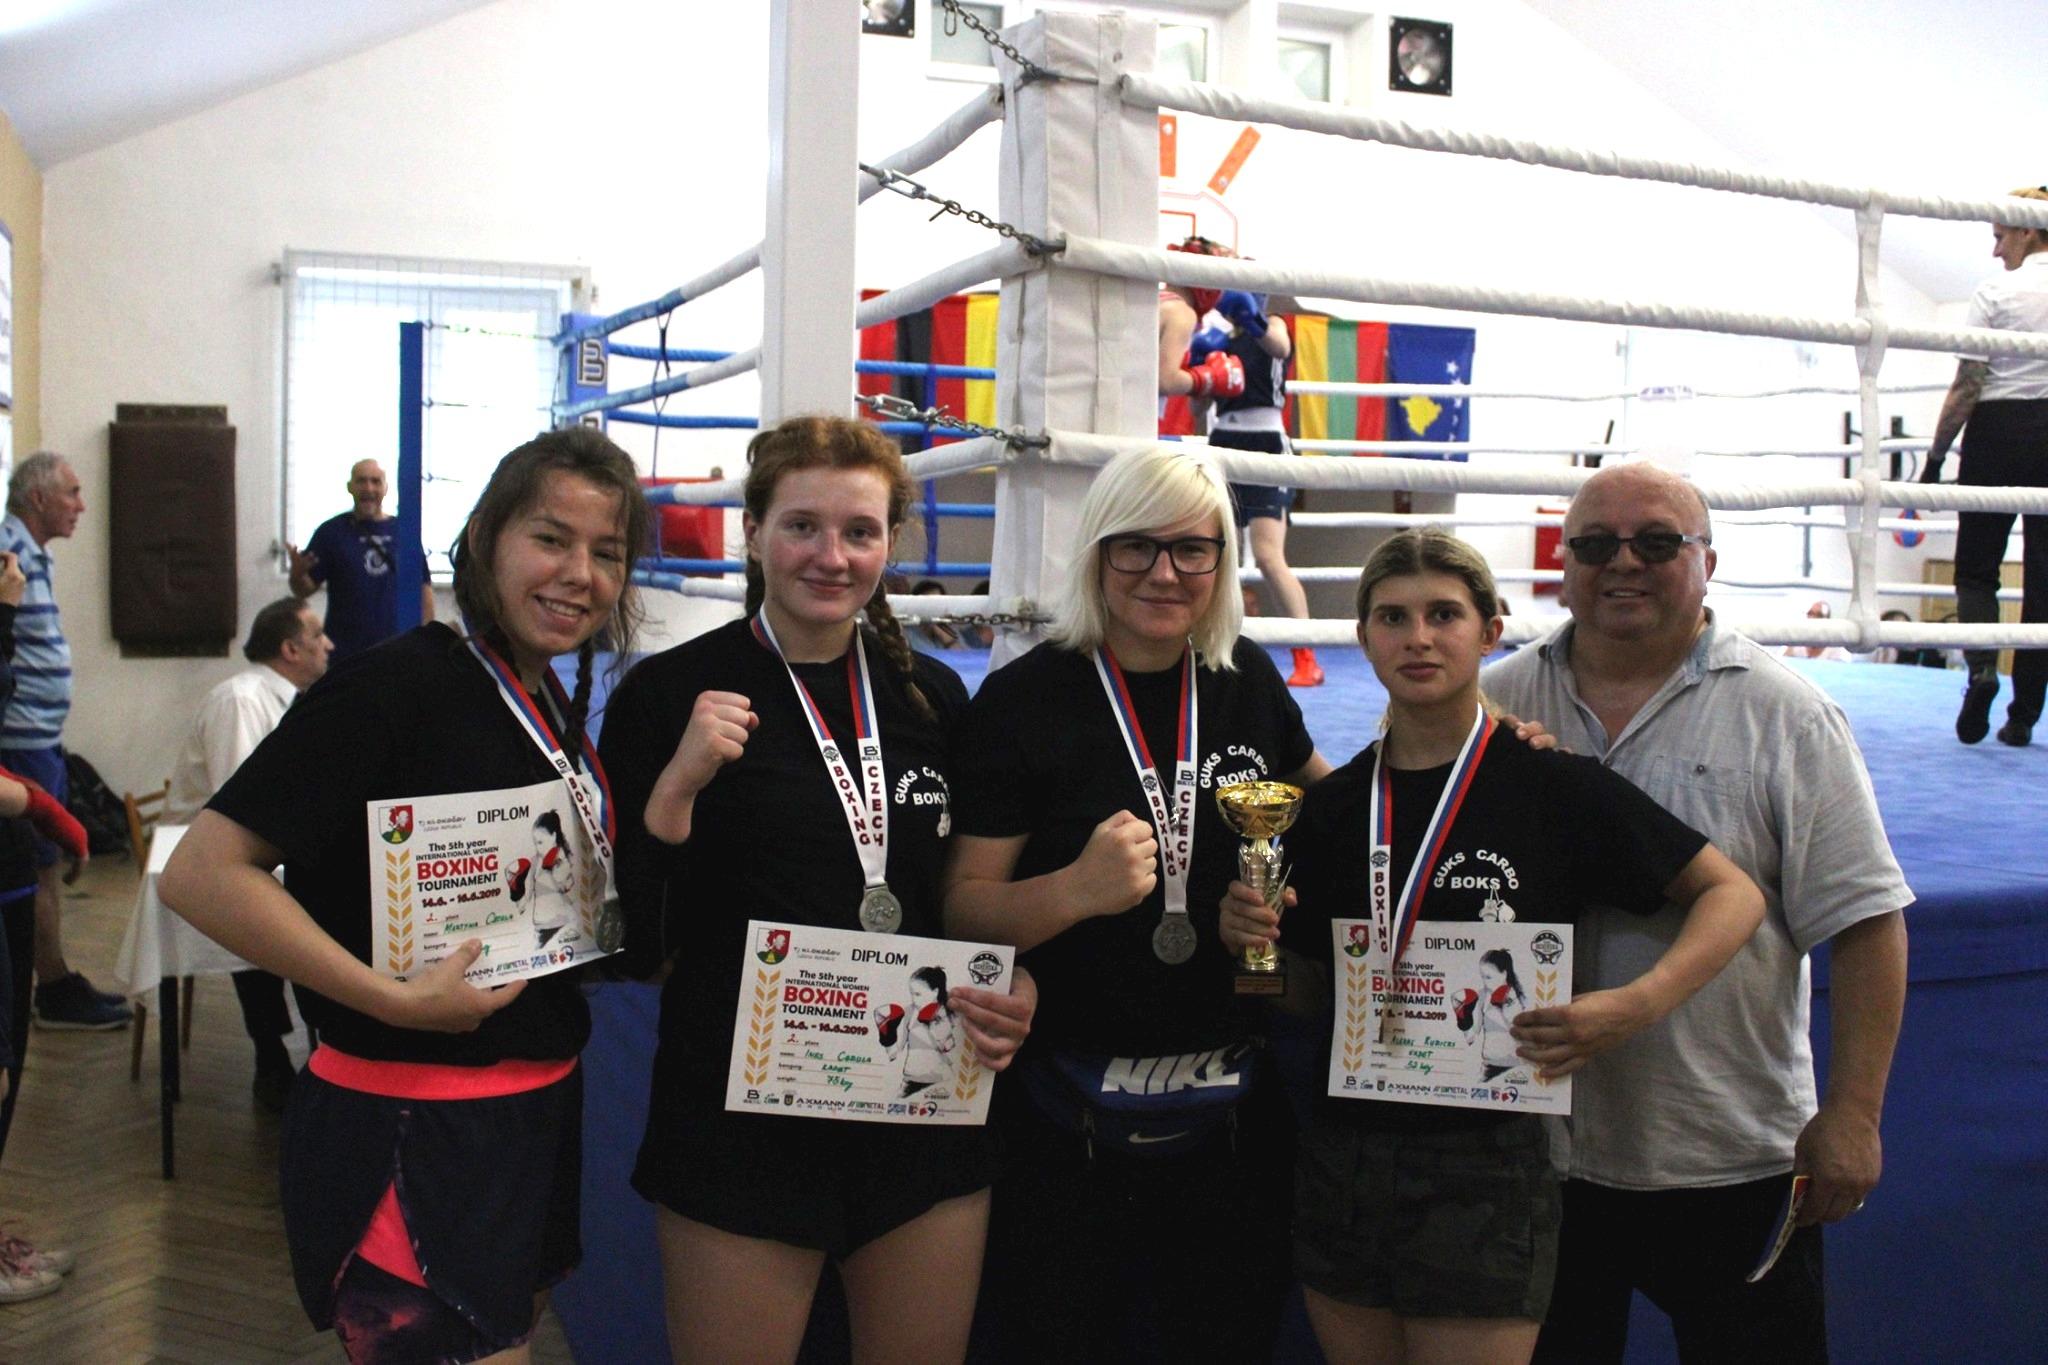 bokserki z medalami